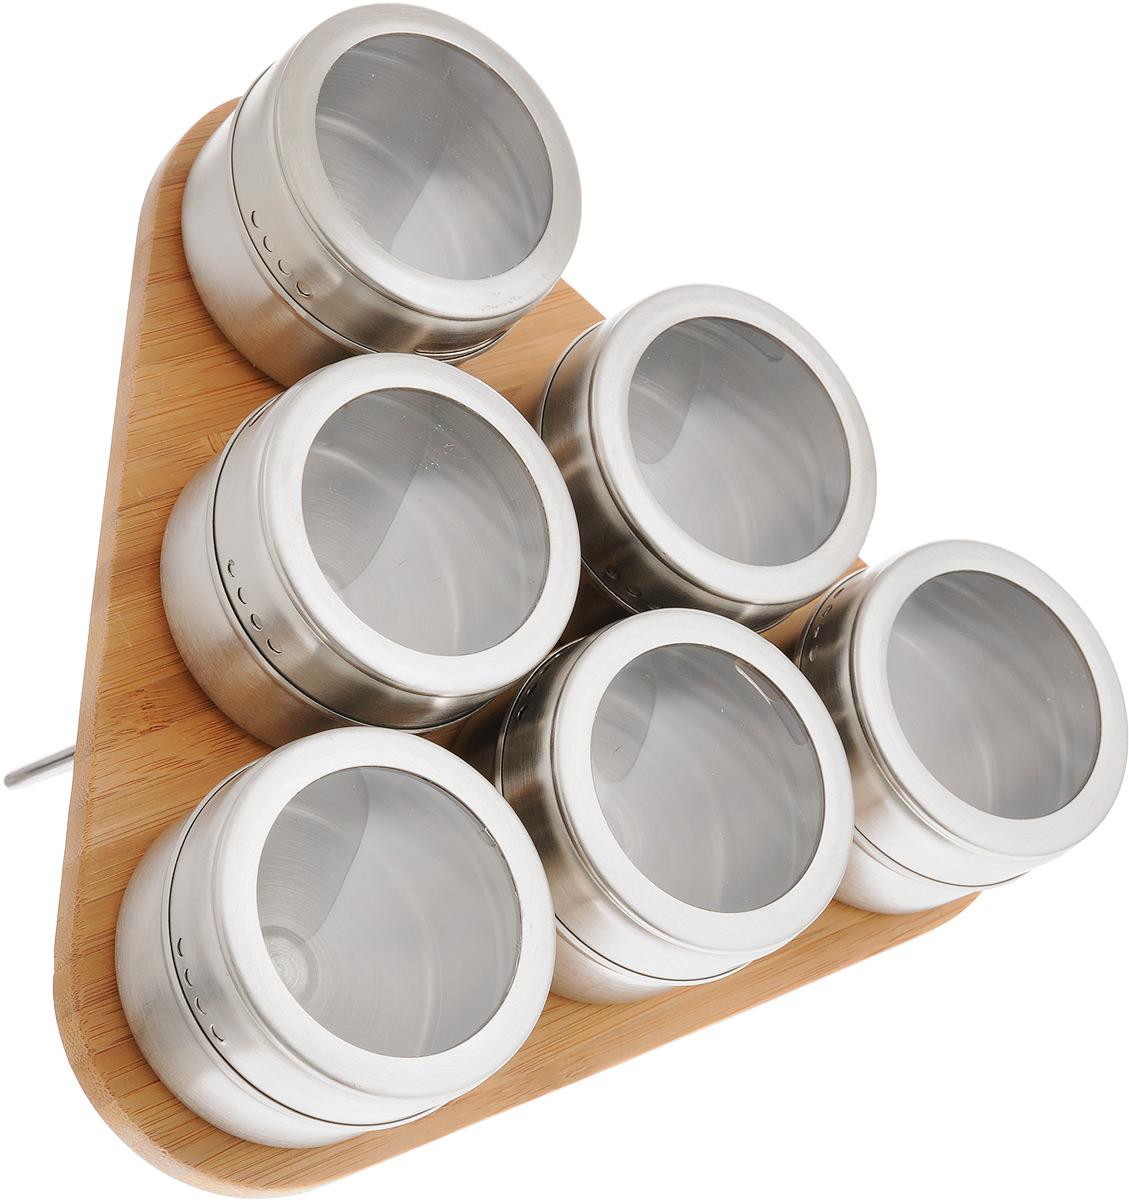 Набор для специй Mayer & Boch, 7 предметов. 2352023520Набор для специй Mayer & Boch состоит из шести баночек для специй и подставки. Баночки выполнены из нержавеющей стали с разноцветным покрытием и оснащены крышками с прозрачными пластиковыми вставками, которые позволяют видеть содержимое. Баночки можно наполнять любыми используемыми вами специями. Герметичное закрытие крышек обеспечивает лучшее хранение, поэтому специи всегда будут ароматными и свежими. Специальная бамбуковая подставка делает хранение баночек еще более удобным. Баночки крепятся к подставке с помощью магнитов. Стильный набор прекрасно дополнит интерьер кухни. Наслаждайтесь приготовлением пищи с вашим набором для специй Mayer & Boch. Объем баночки: 70 мл. Диаметр баночки: 6 см. Высота баночки: 4,5 см. Размер подставки: 21,5 х 20 х 1,5 см.